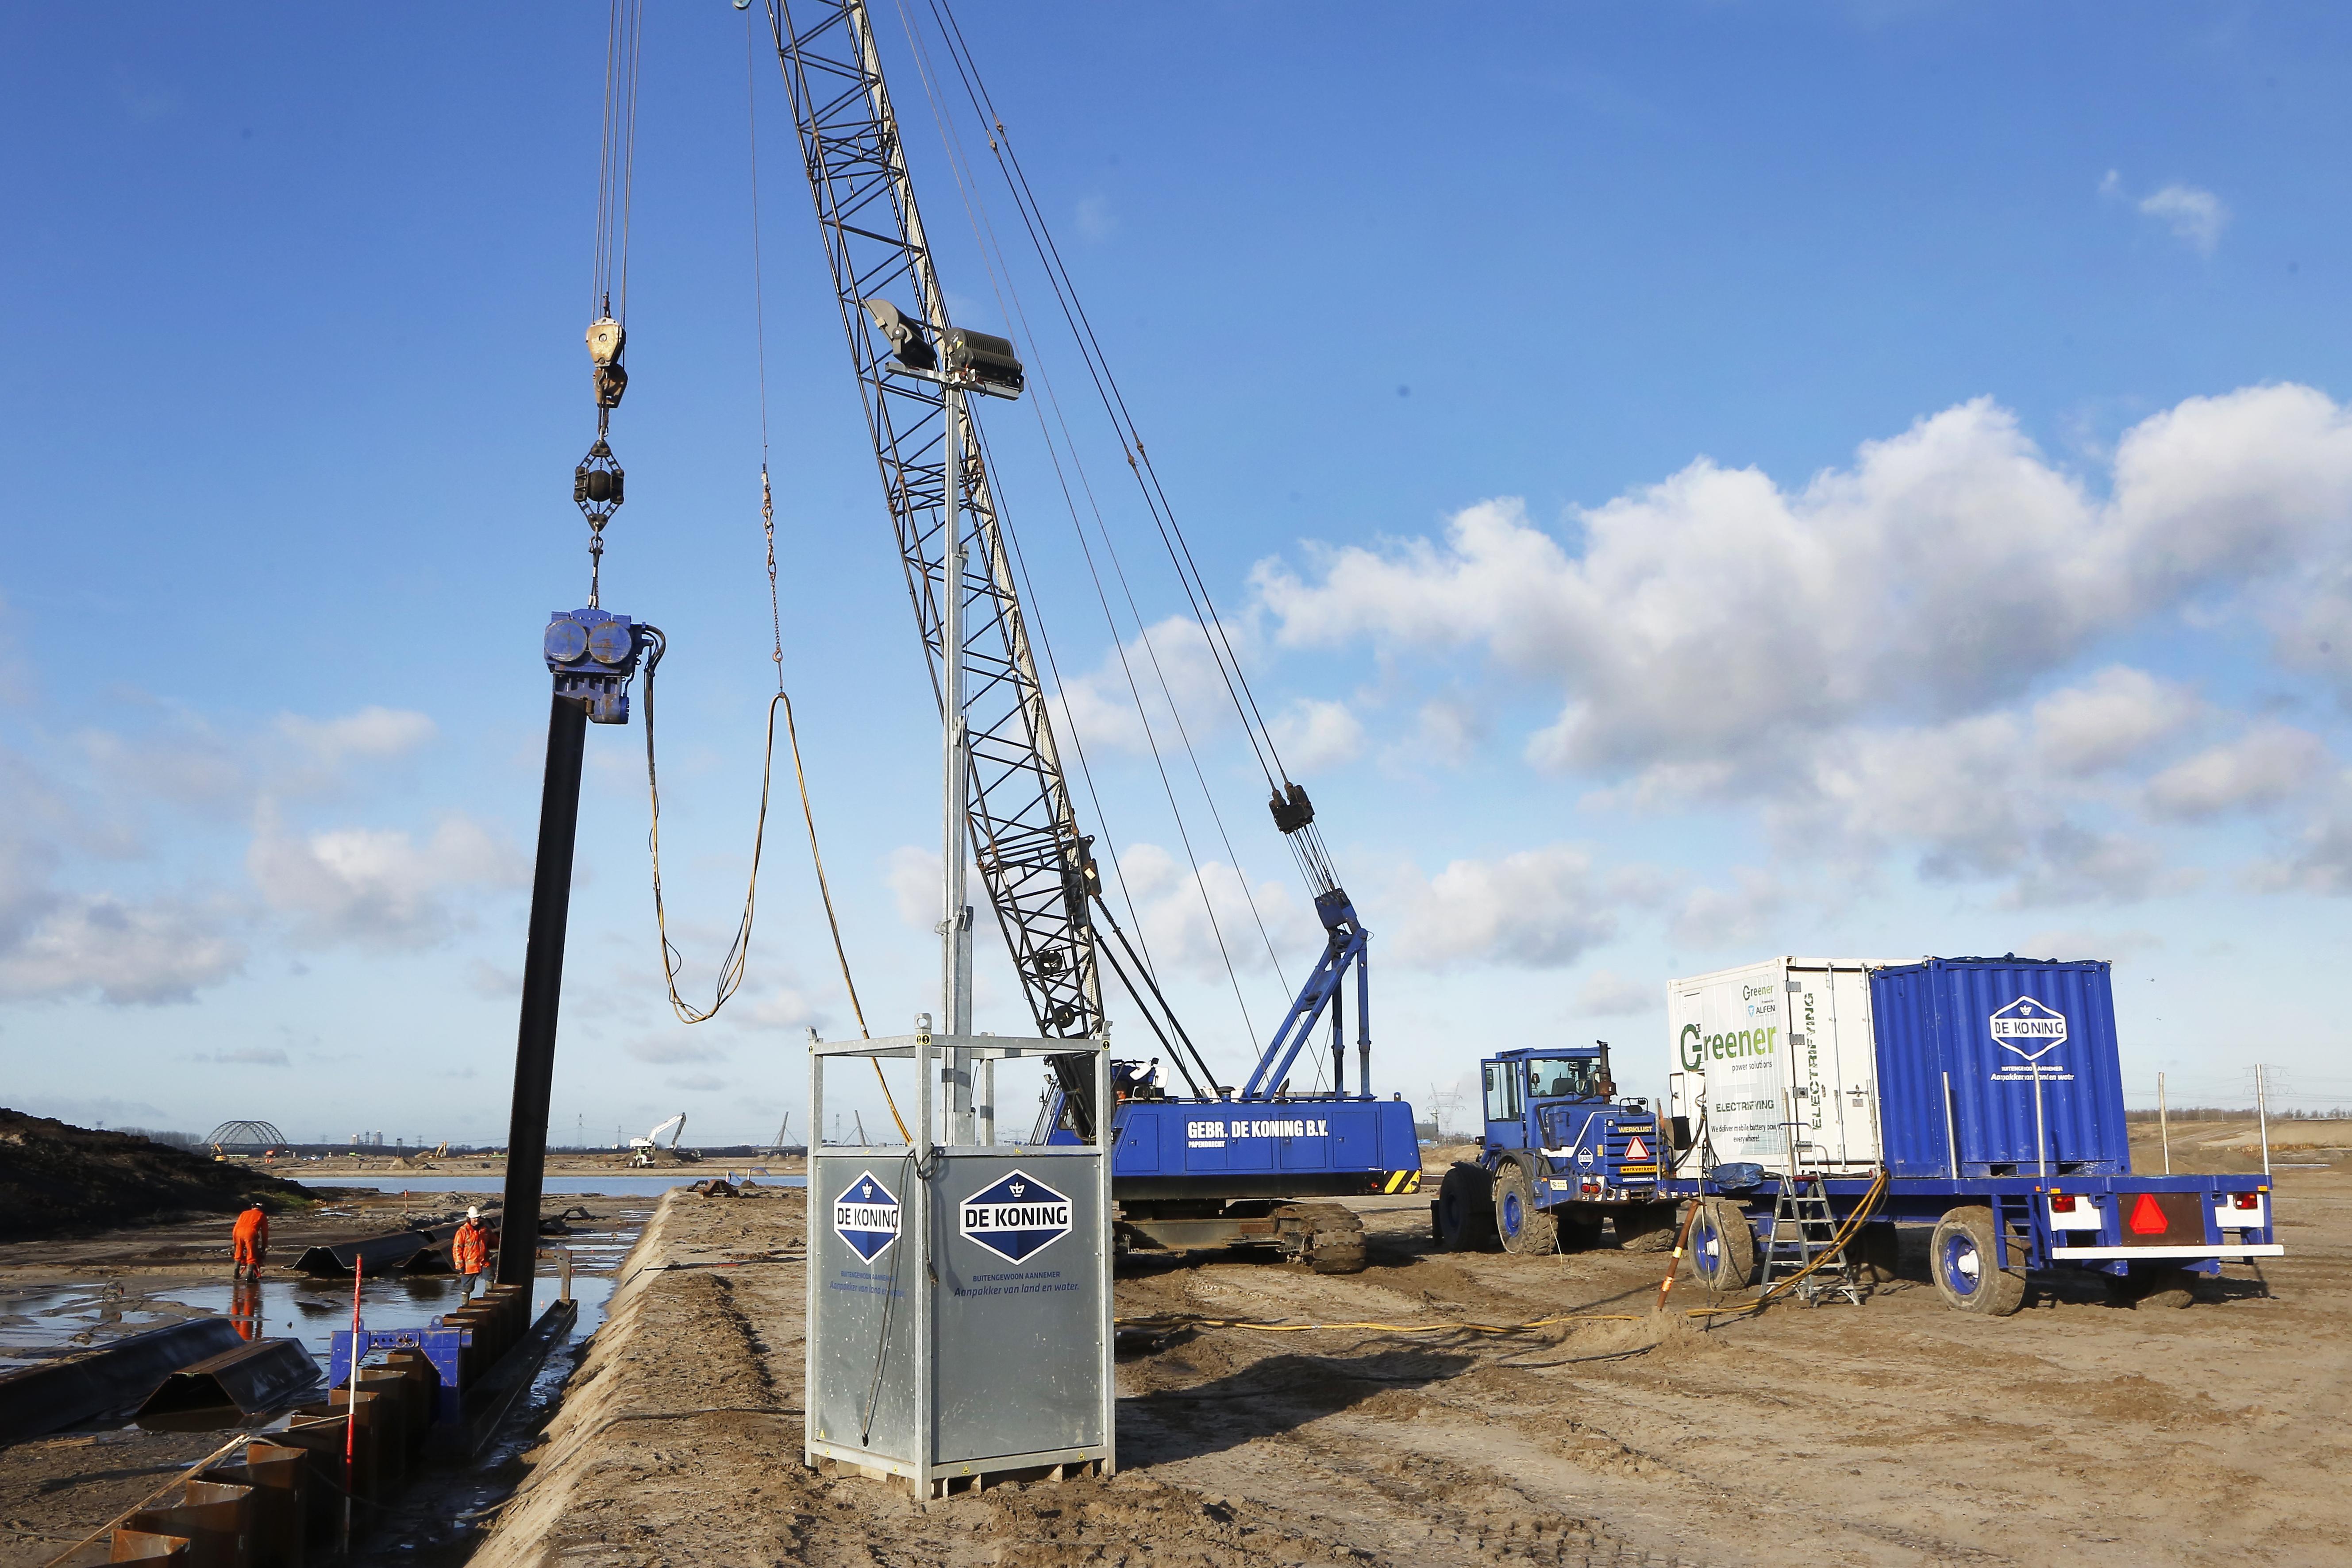 Ook bij bouw in Weespersluis wordt zo 'groen' mogelijk gewerkt: duurzaam damwanden slaan, er komt geen lawaaiig dieselapparaat meer aan te pas